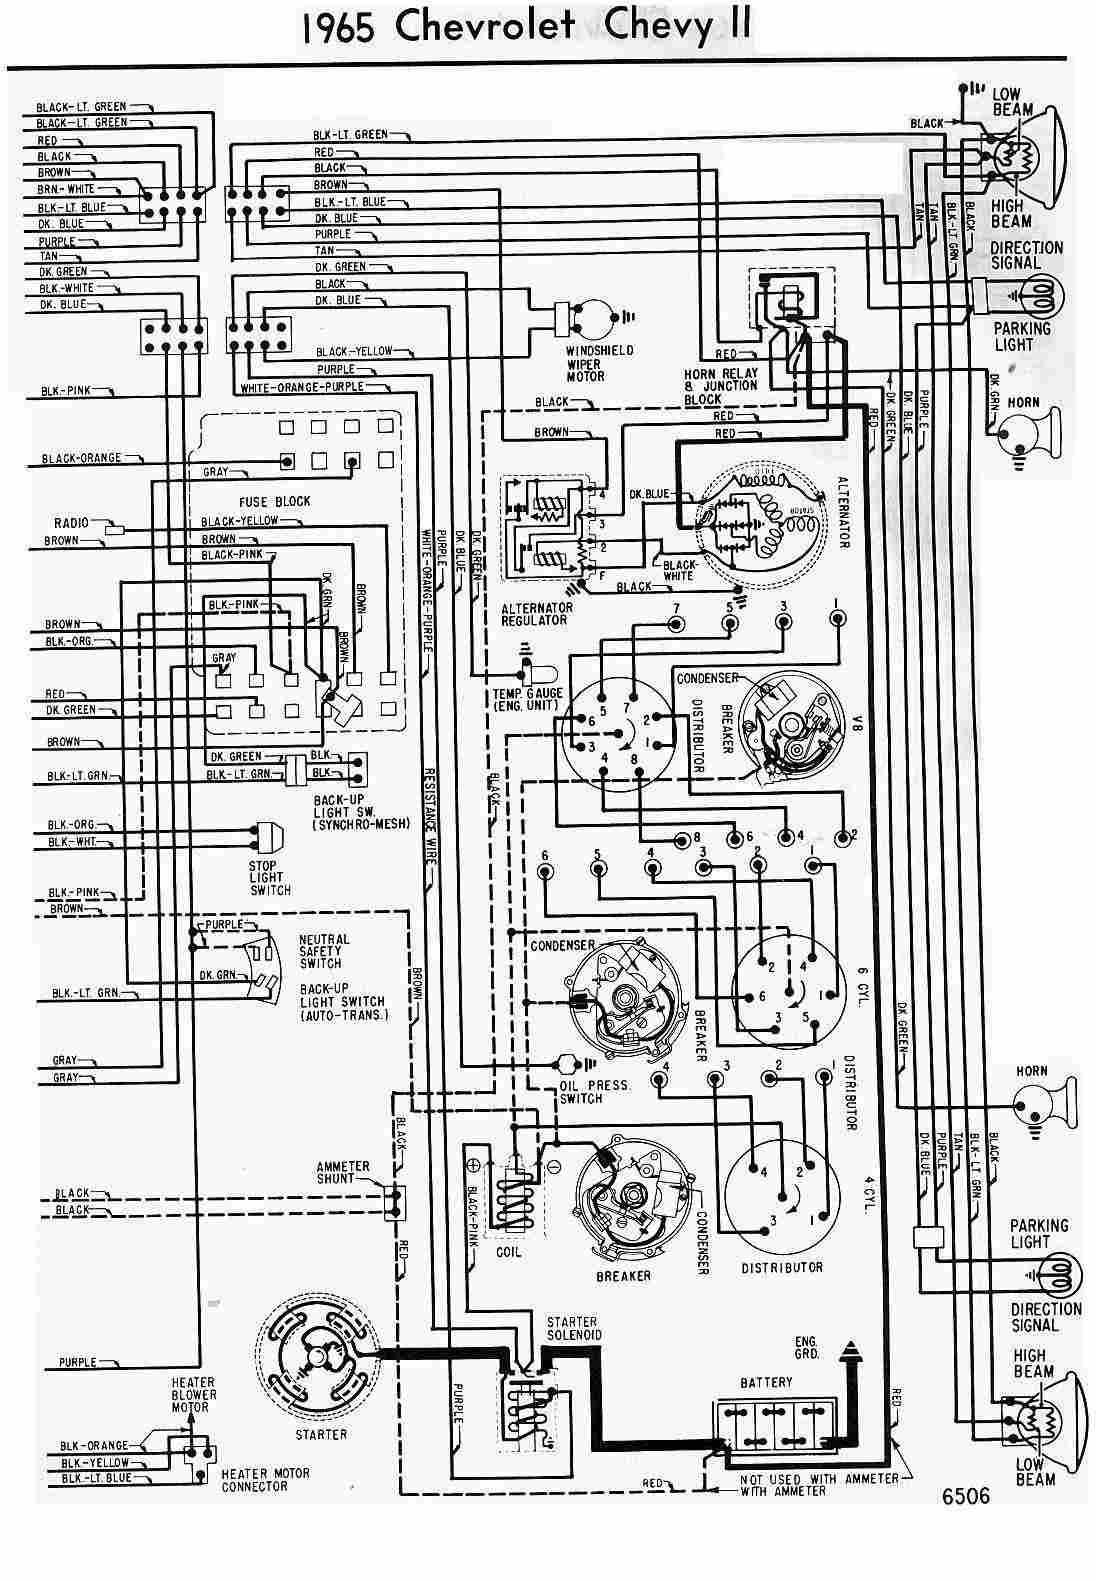 small resolution of 2011 chevy aveo ignition wiring diagram w wiring impala diagrams wiring diagrams schematicsrh